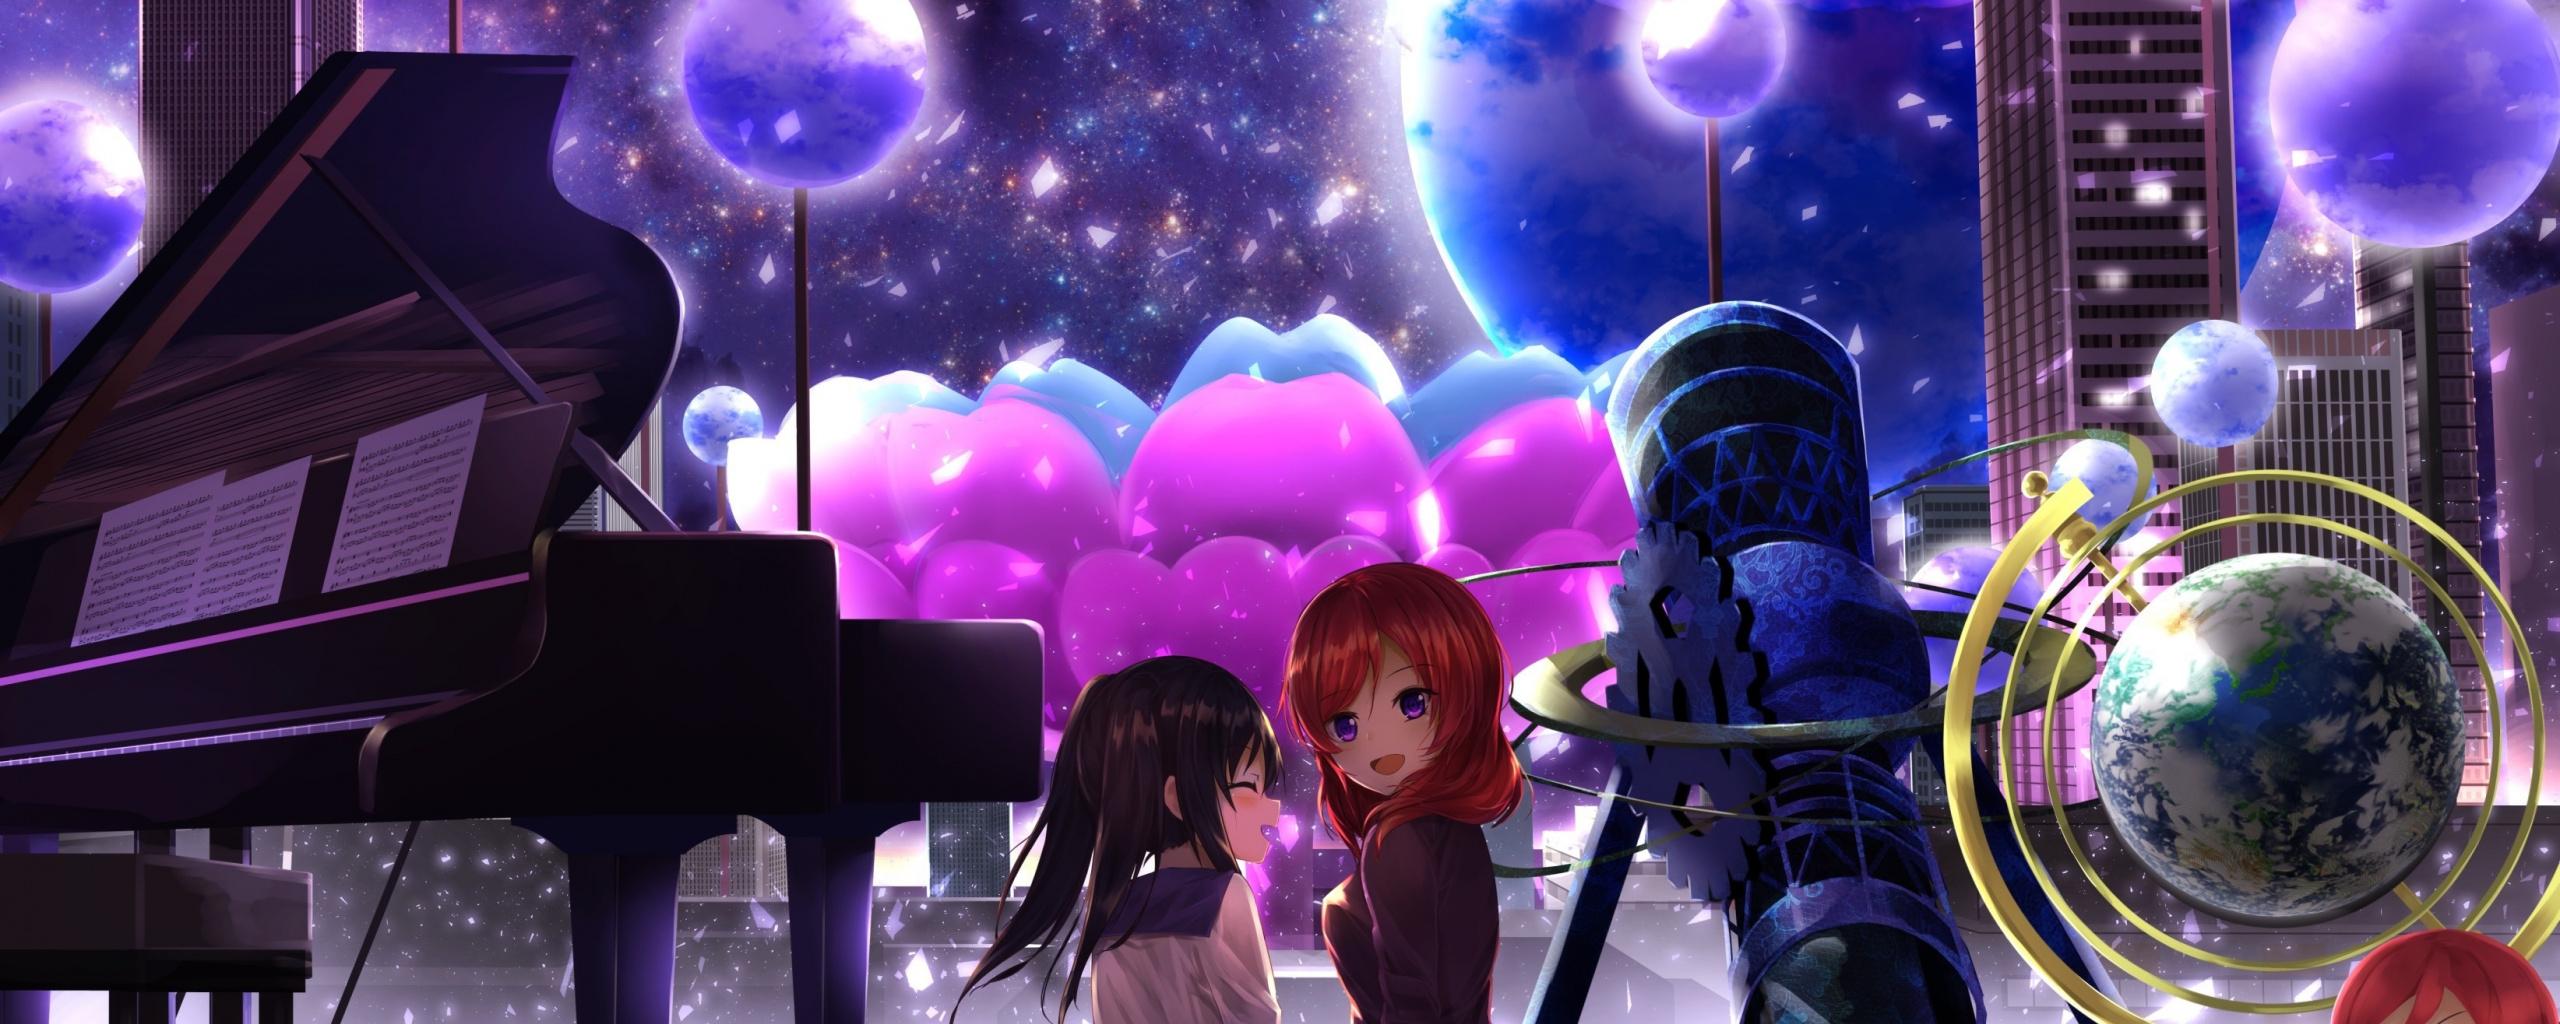 Maki Nishikino, Nico Yazawa, Love Live , Anime Girls, - Love Live Iphone Background - HD Wallpaper